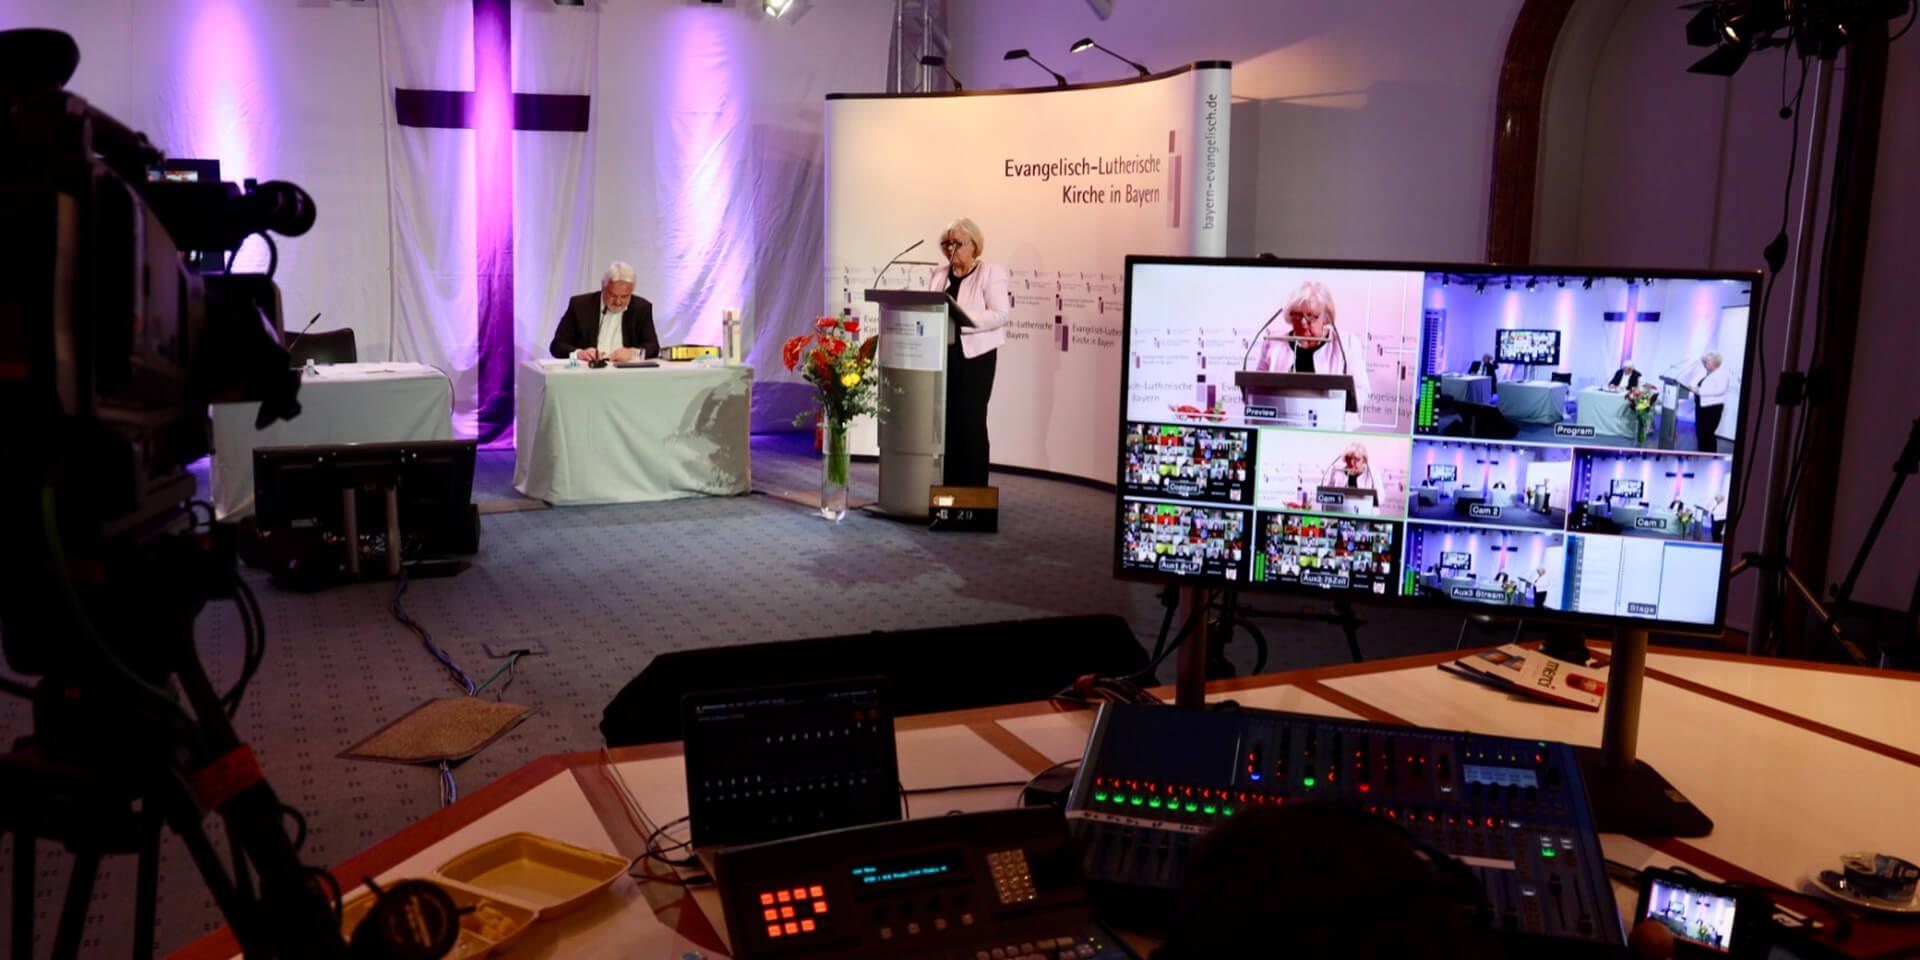 Digitale Synode: Herbsttagung 2020 als Videotagung